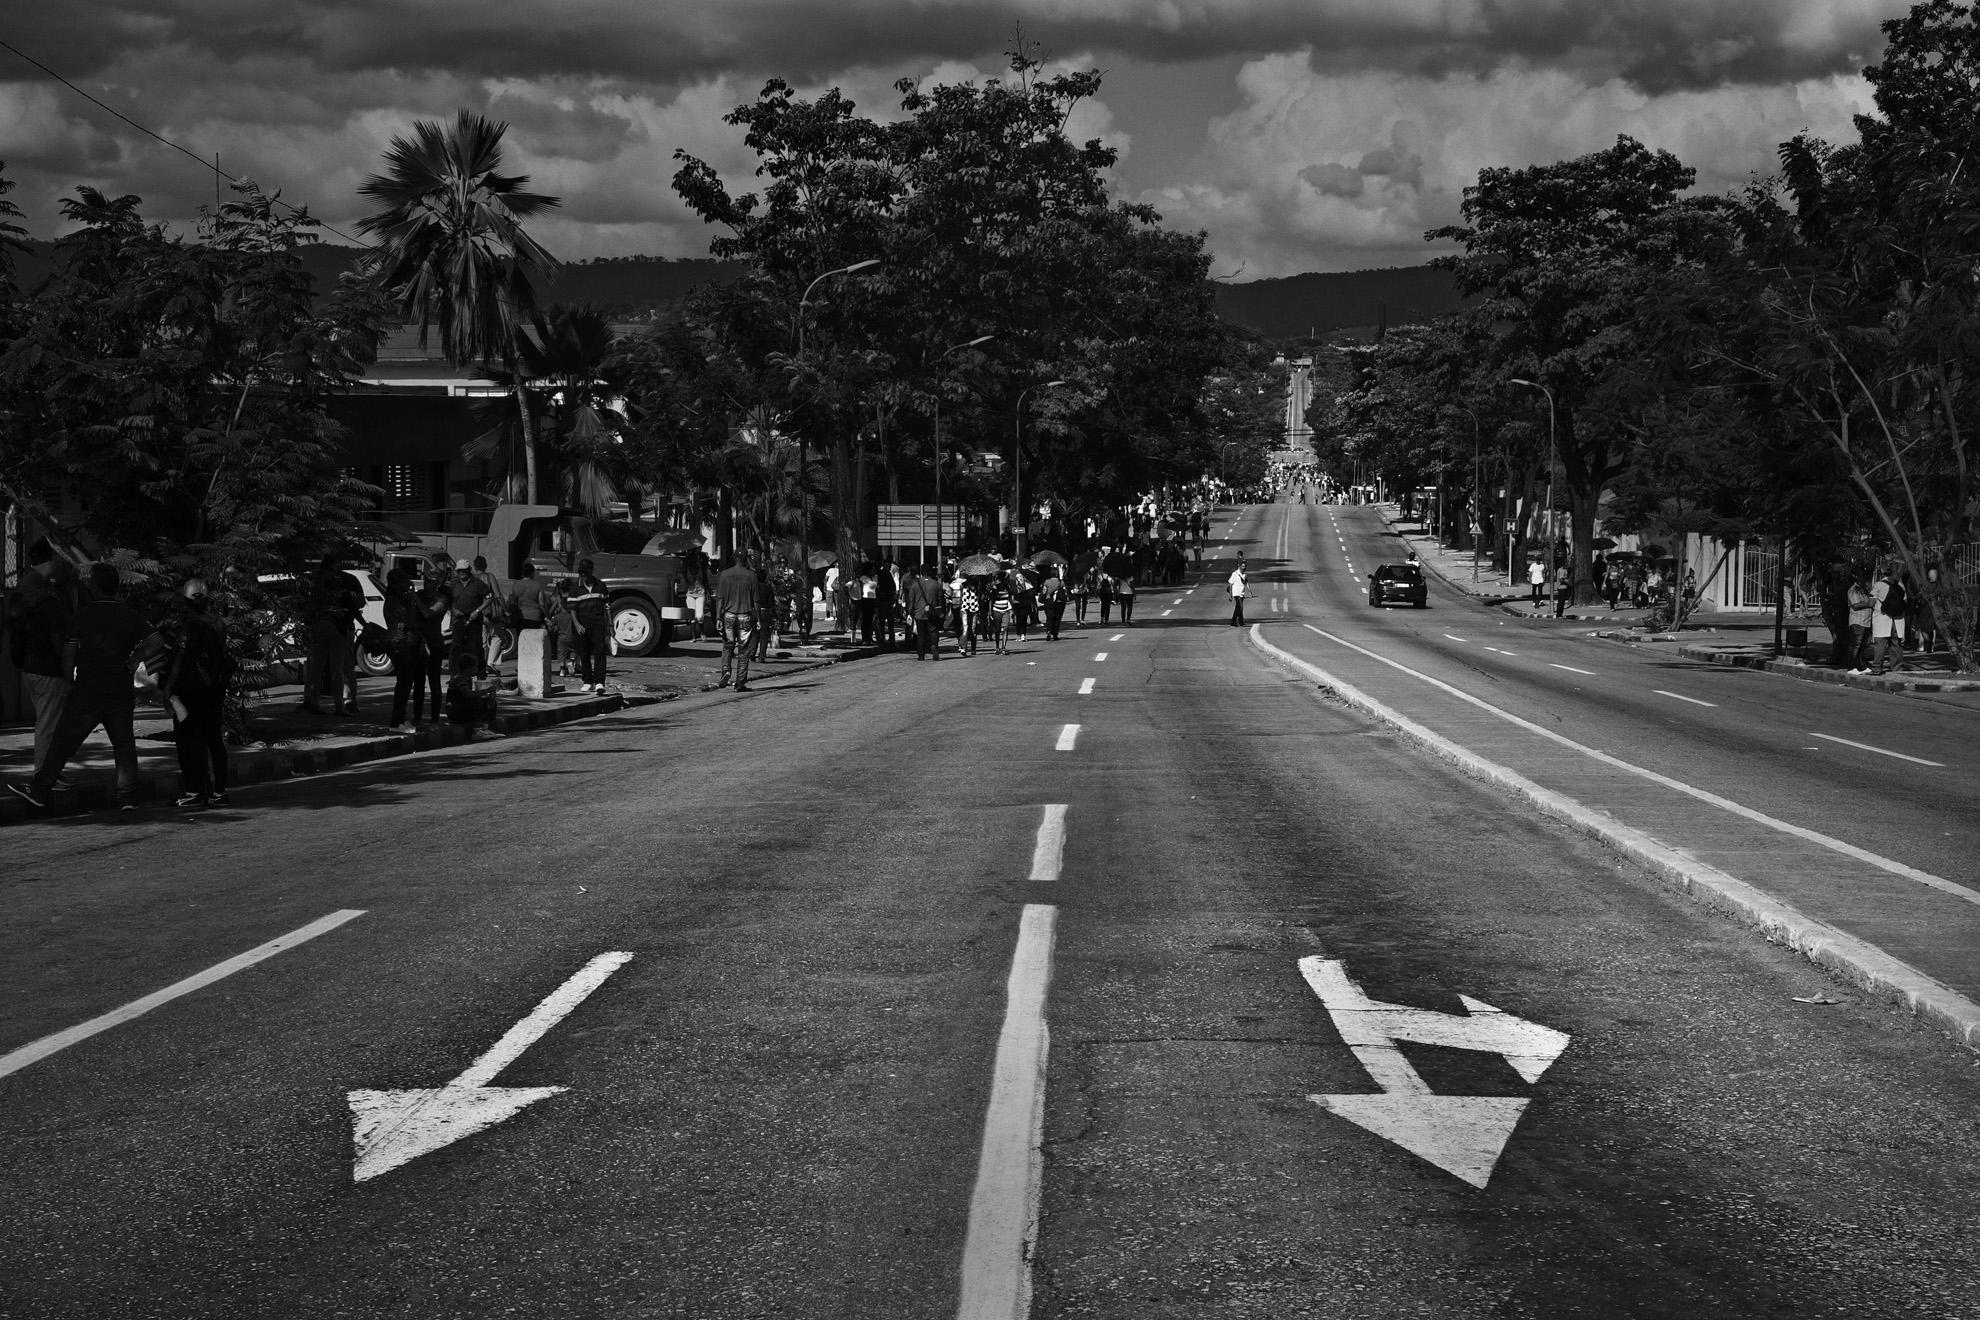 Les cubains commencent a se rendre sur la Place de la Revolution ou Place Antonio Maceon de Santiago de Cuba Les rues de la ville sont vides car la circulation est interdite et les magazins sont fermes 3 decembre ou sera celebree dans quelques heures la ceremonie officielle en hommage a la disparition de Fidel Castro survenue le 25 novembre 2016